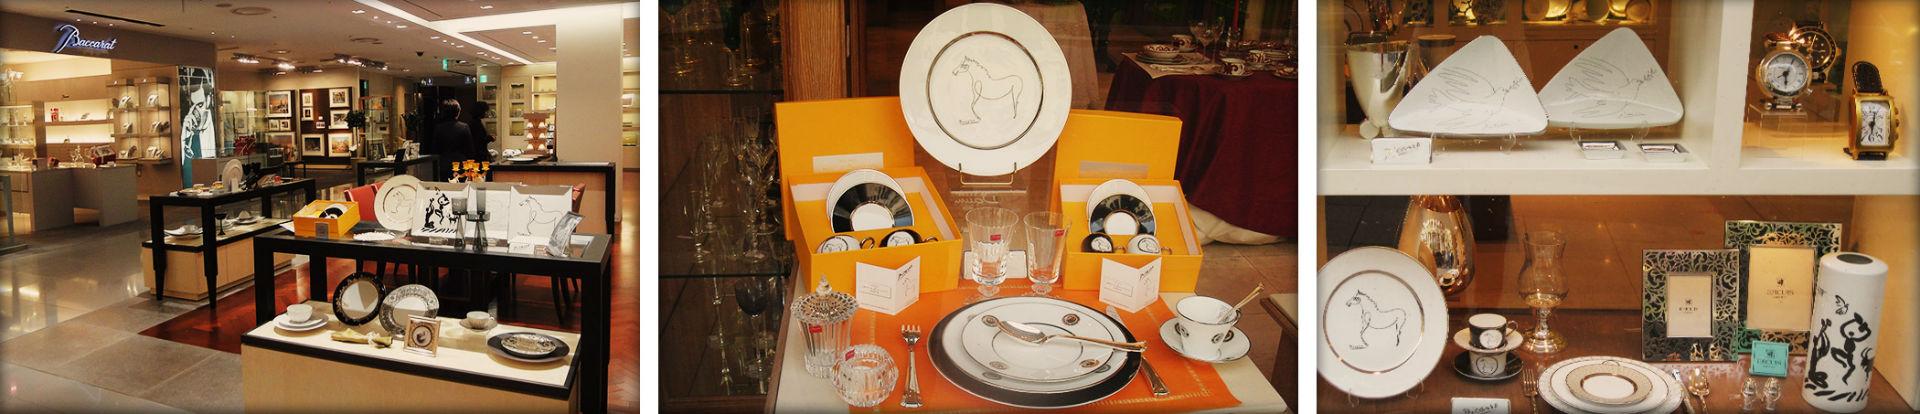 porcelain paris picasso plates shop scenography luxe luxury